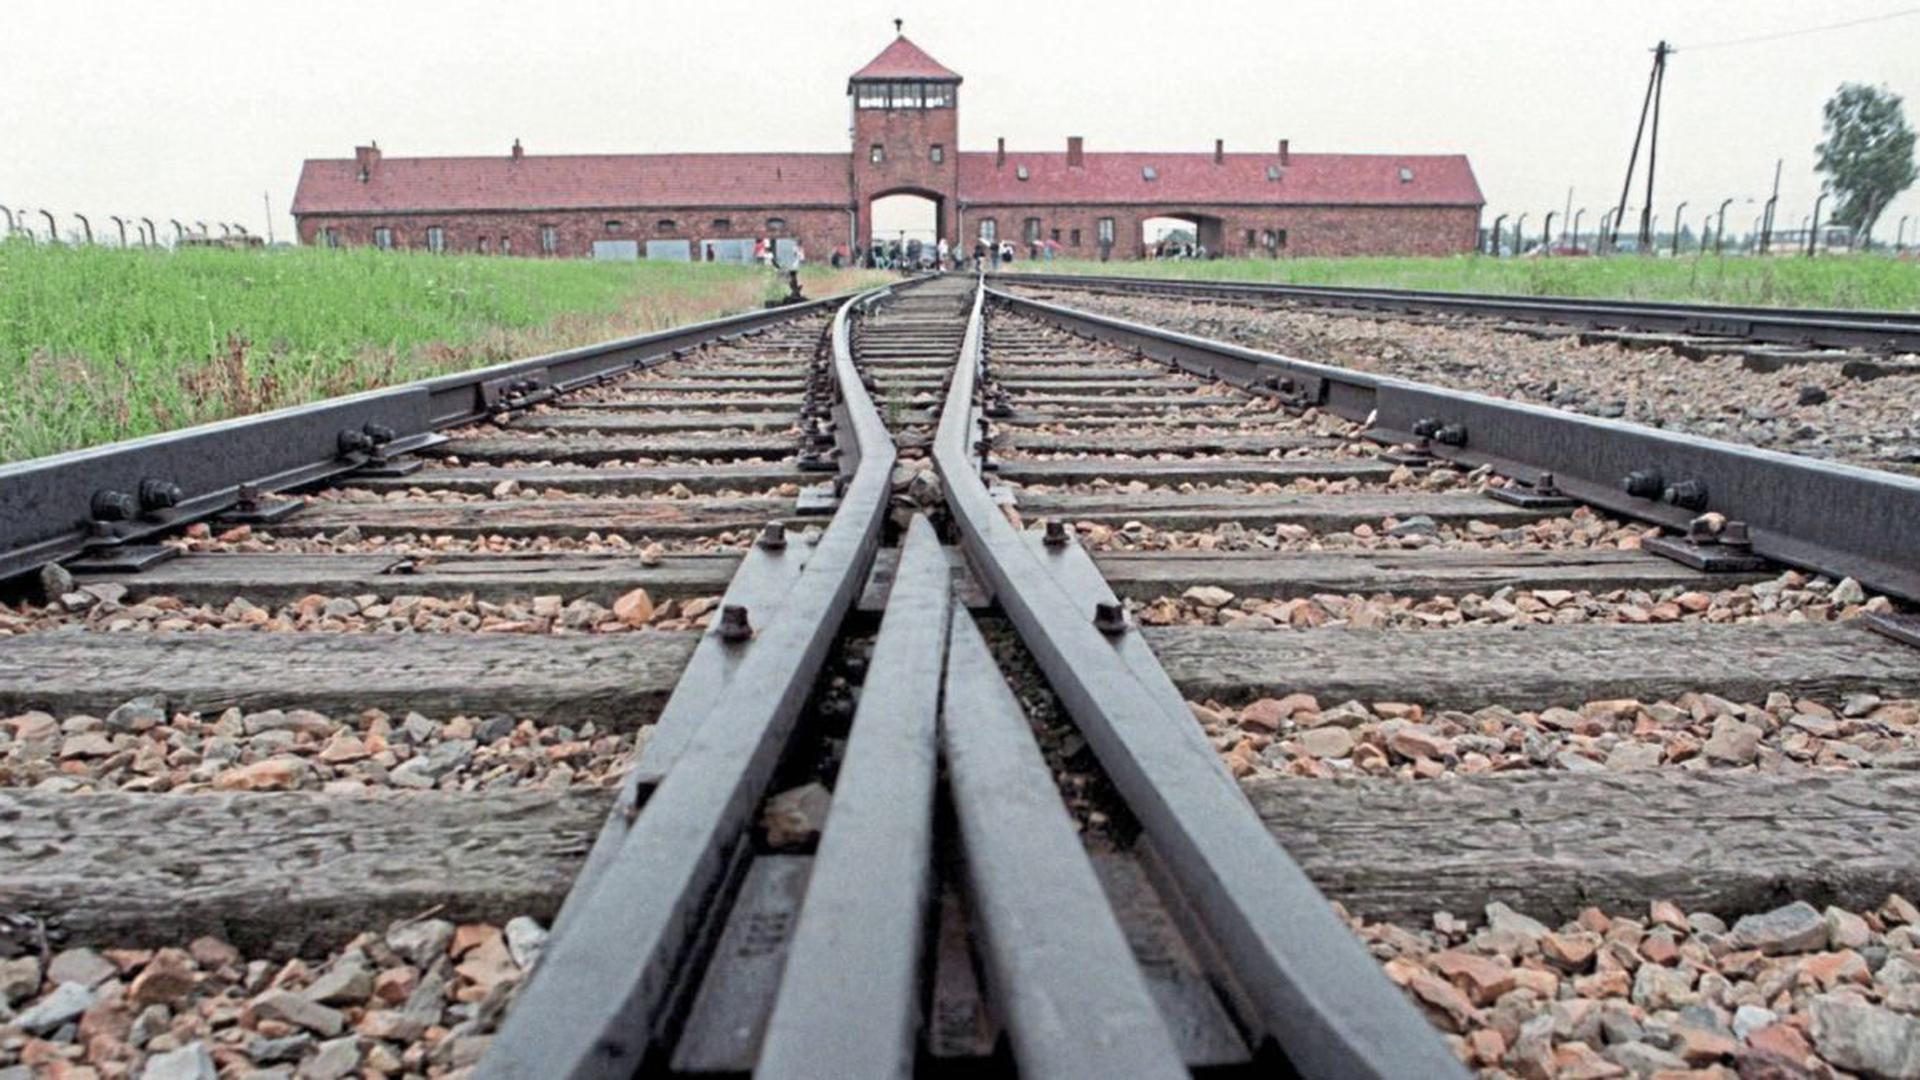 Auf den Schienen des Güterbahnhofes von Auschwitz-Birkenau kamen die Häftlingstransporte an.